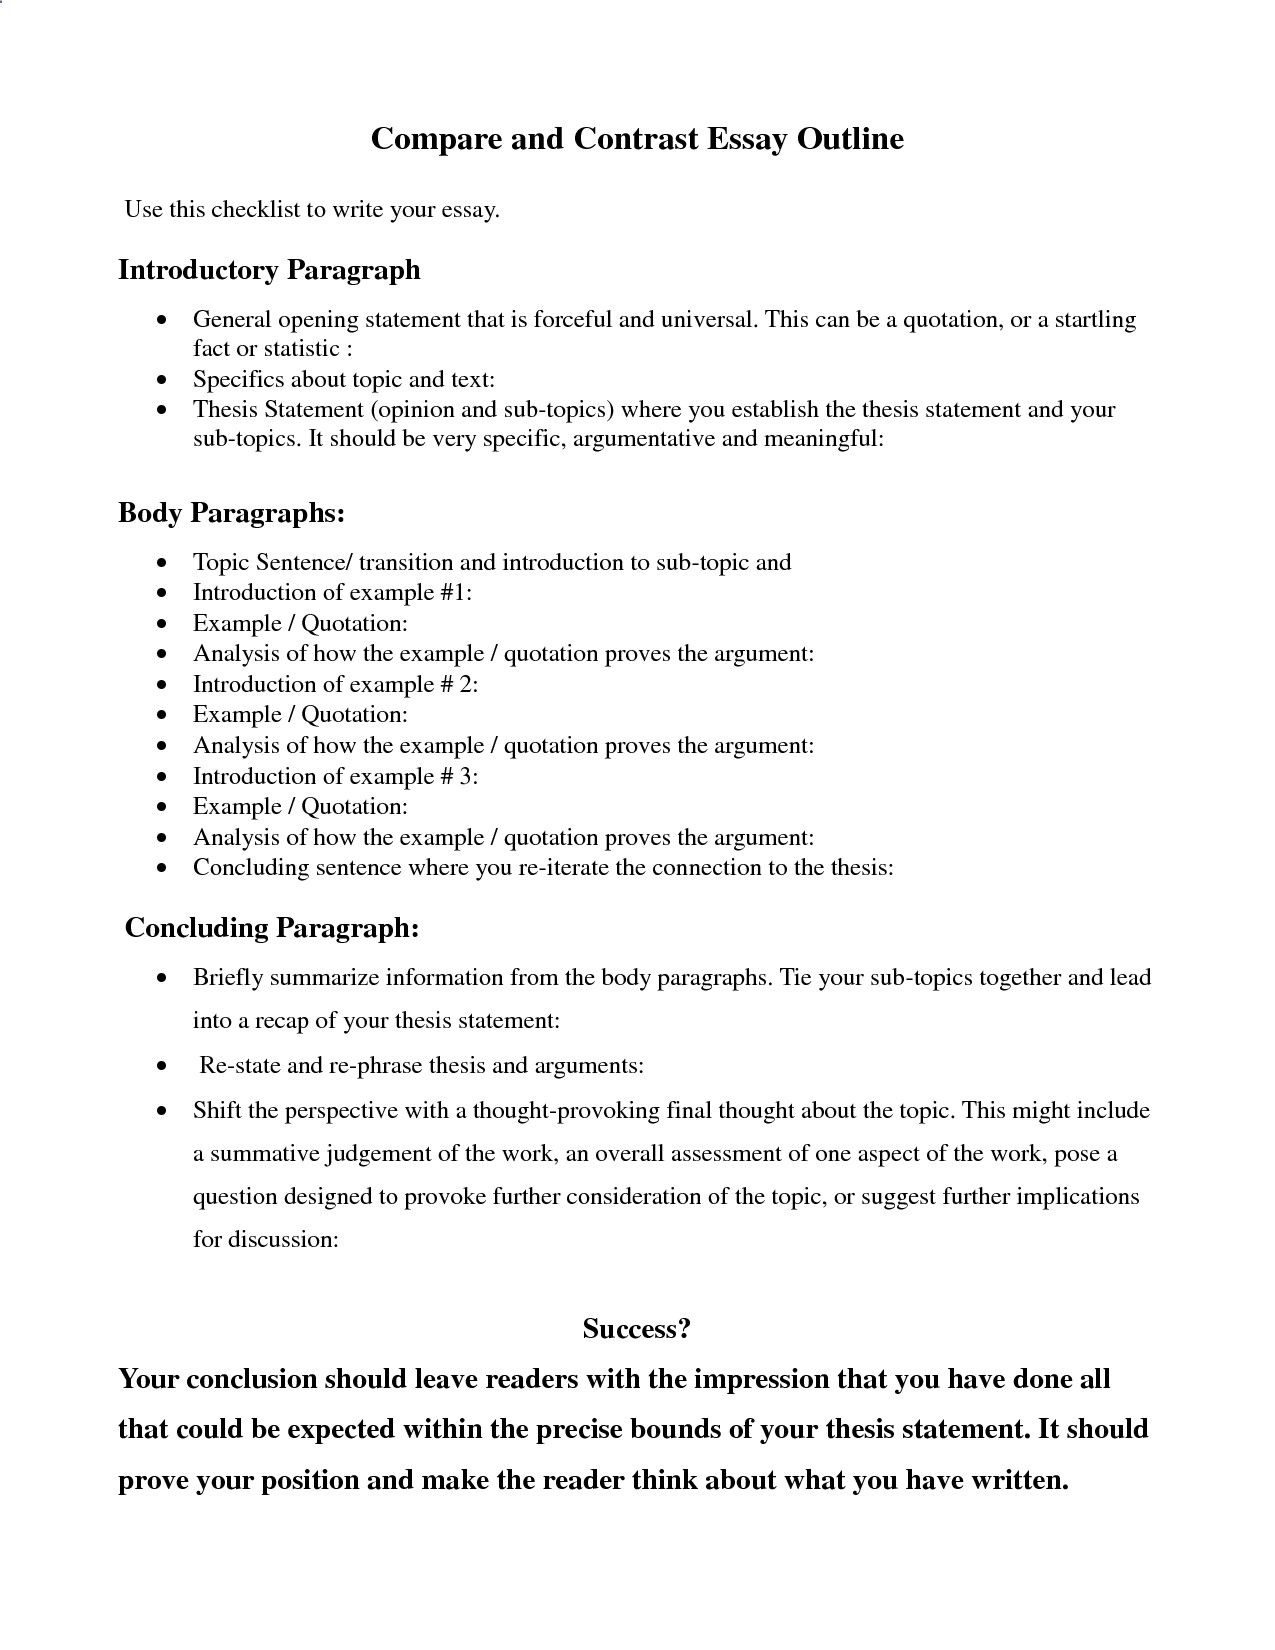 How to write contrast essay